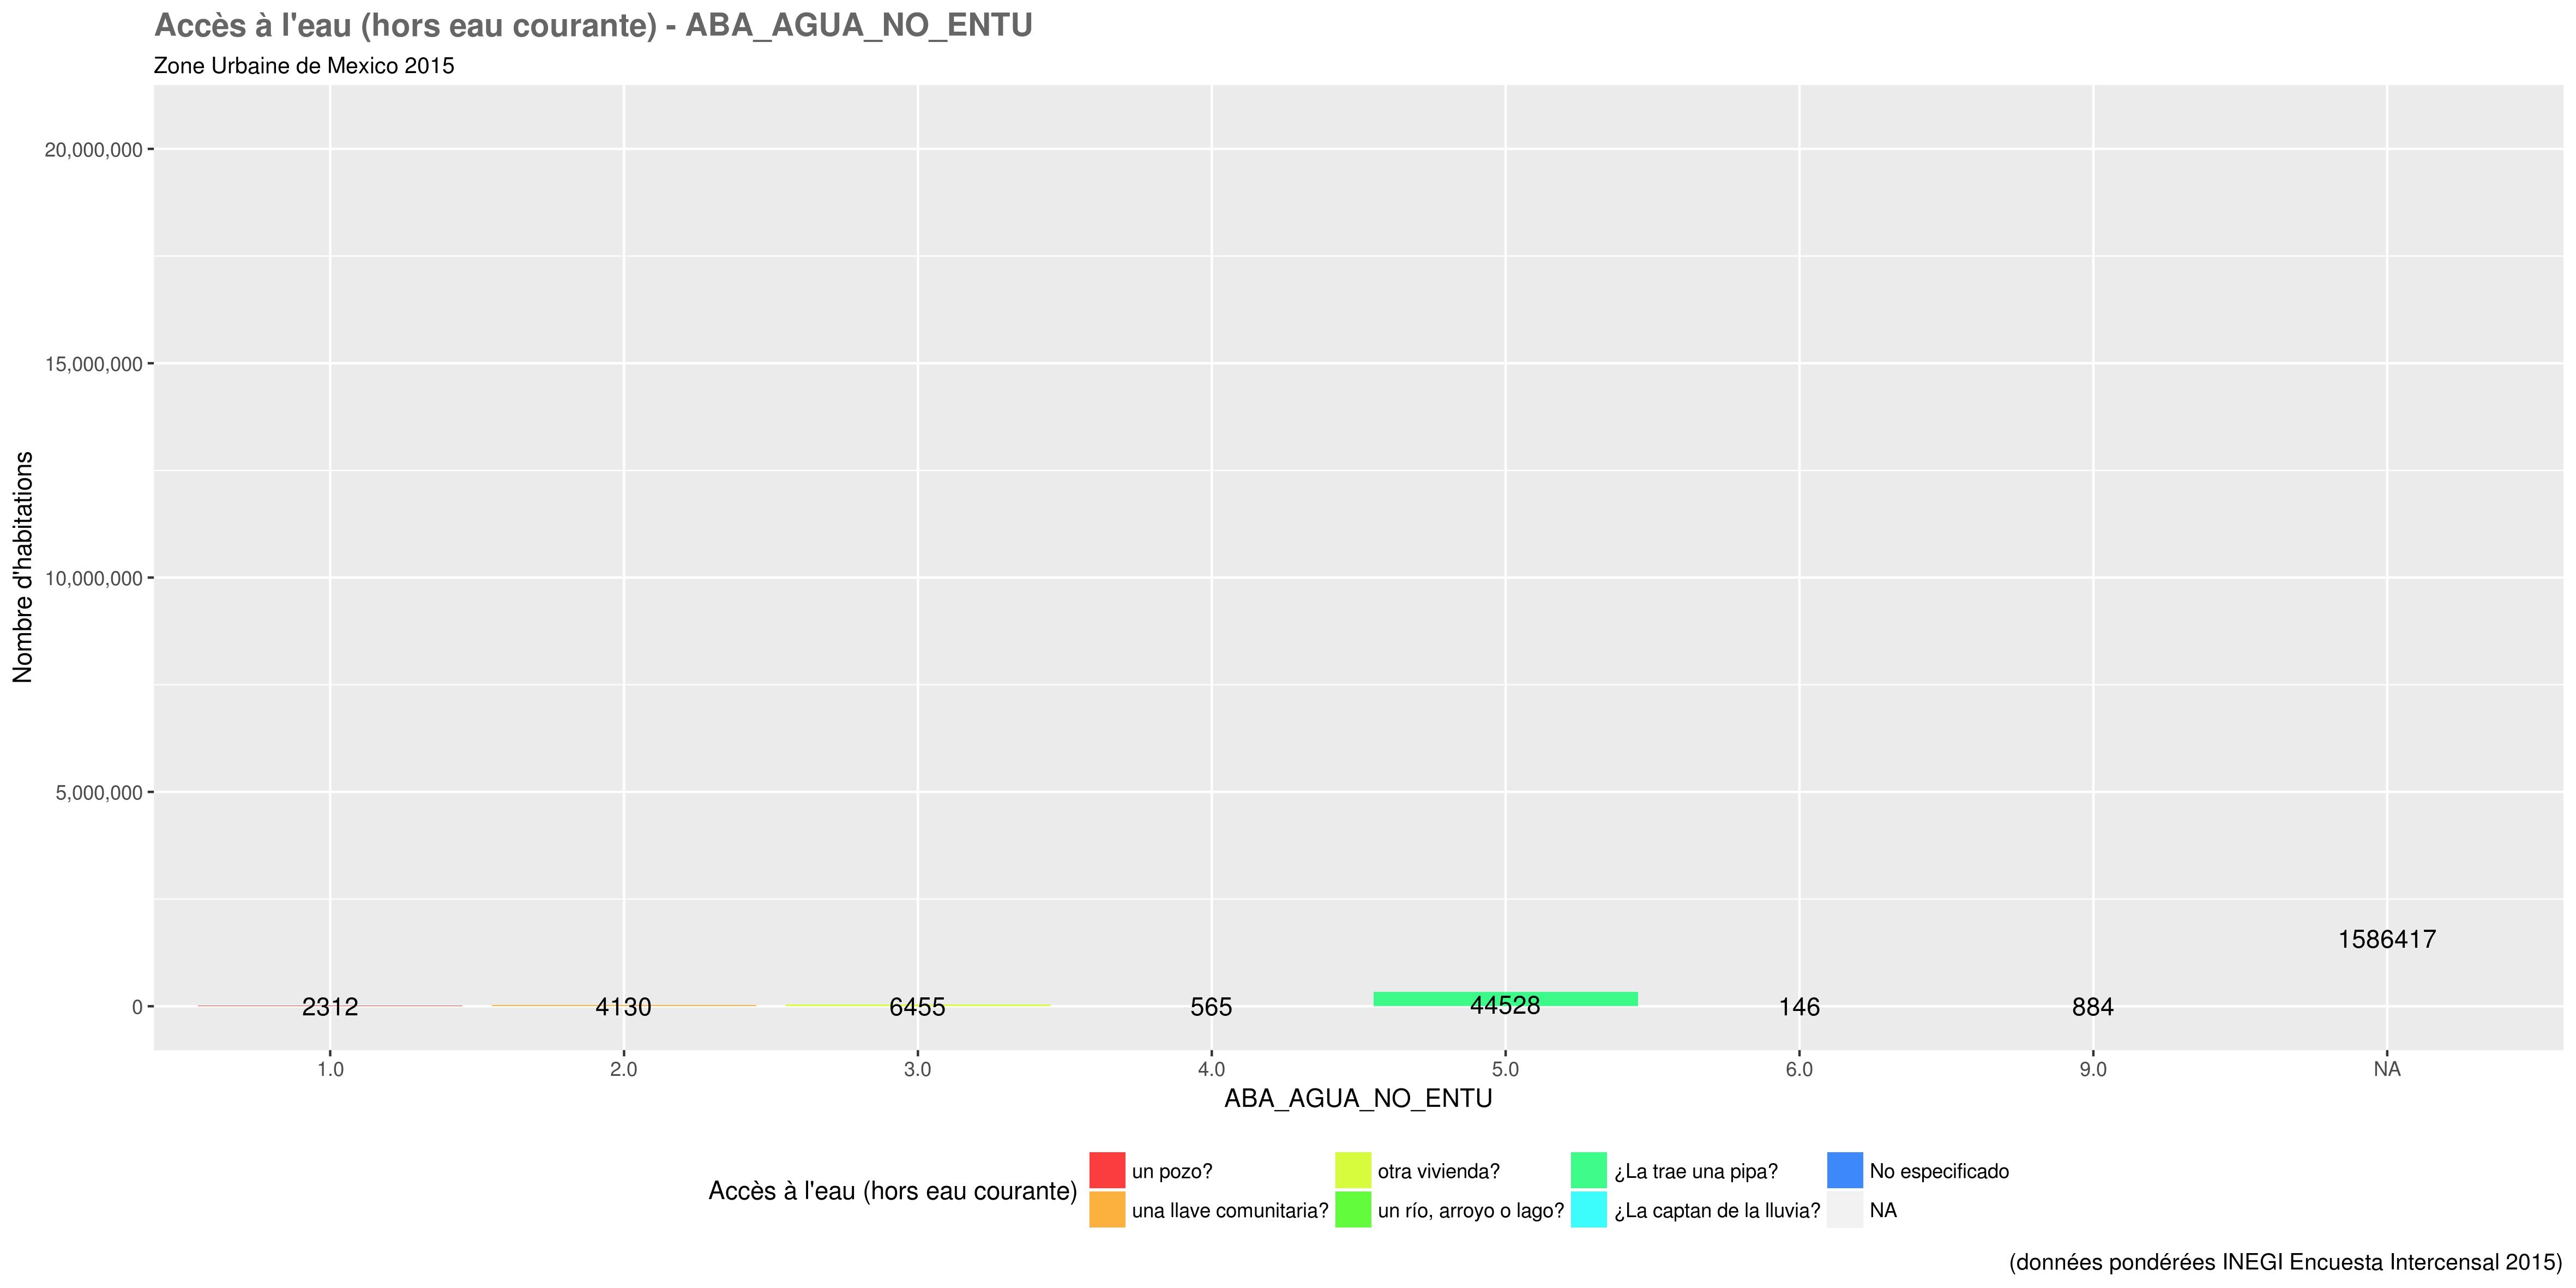 docs/images/distri_variables/ABA_AGUA_NO_ENTU.png